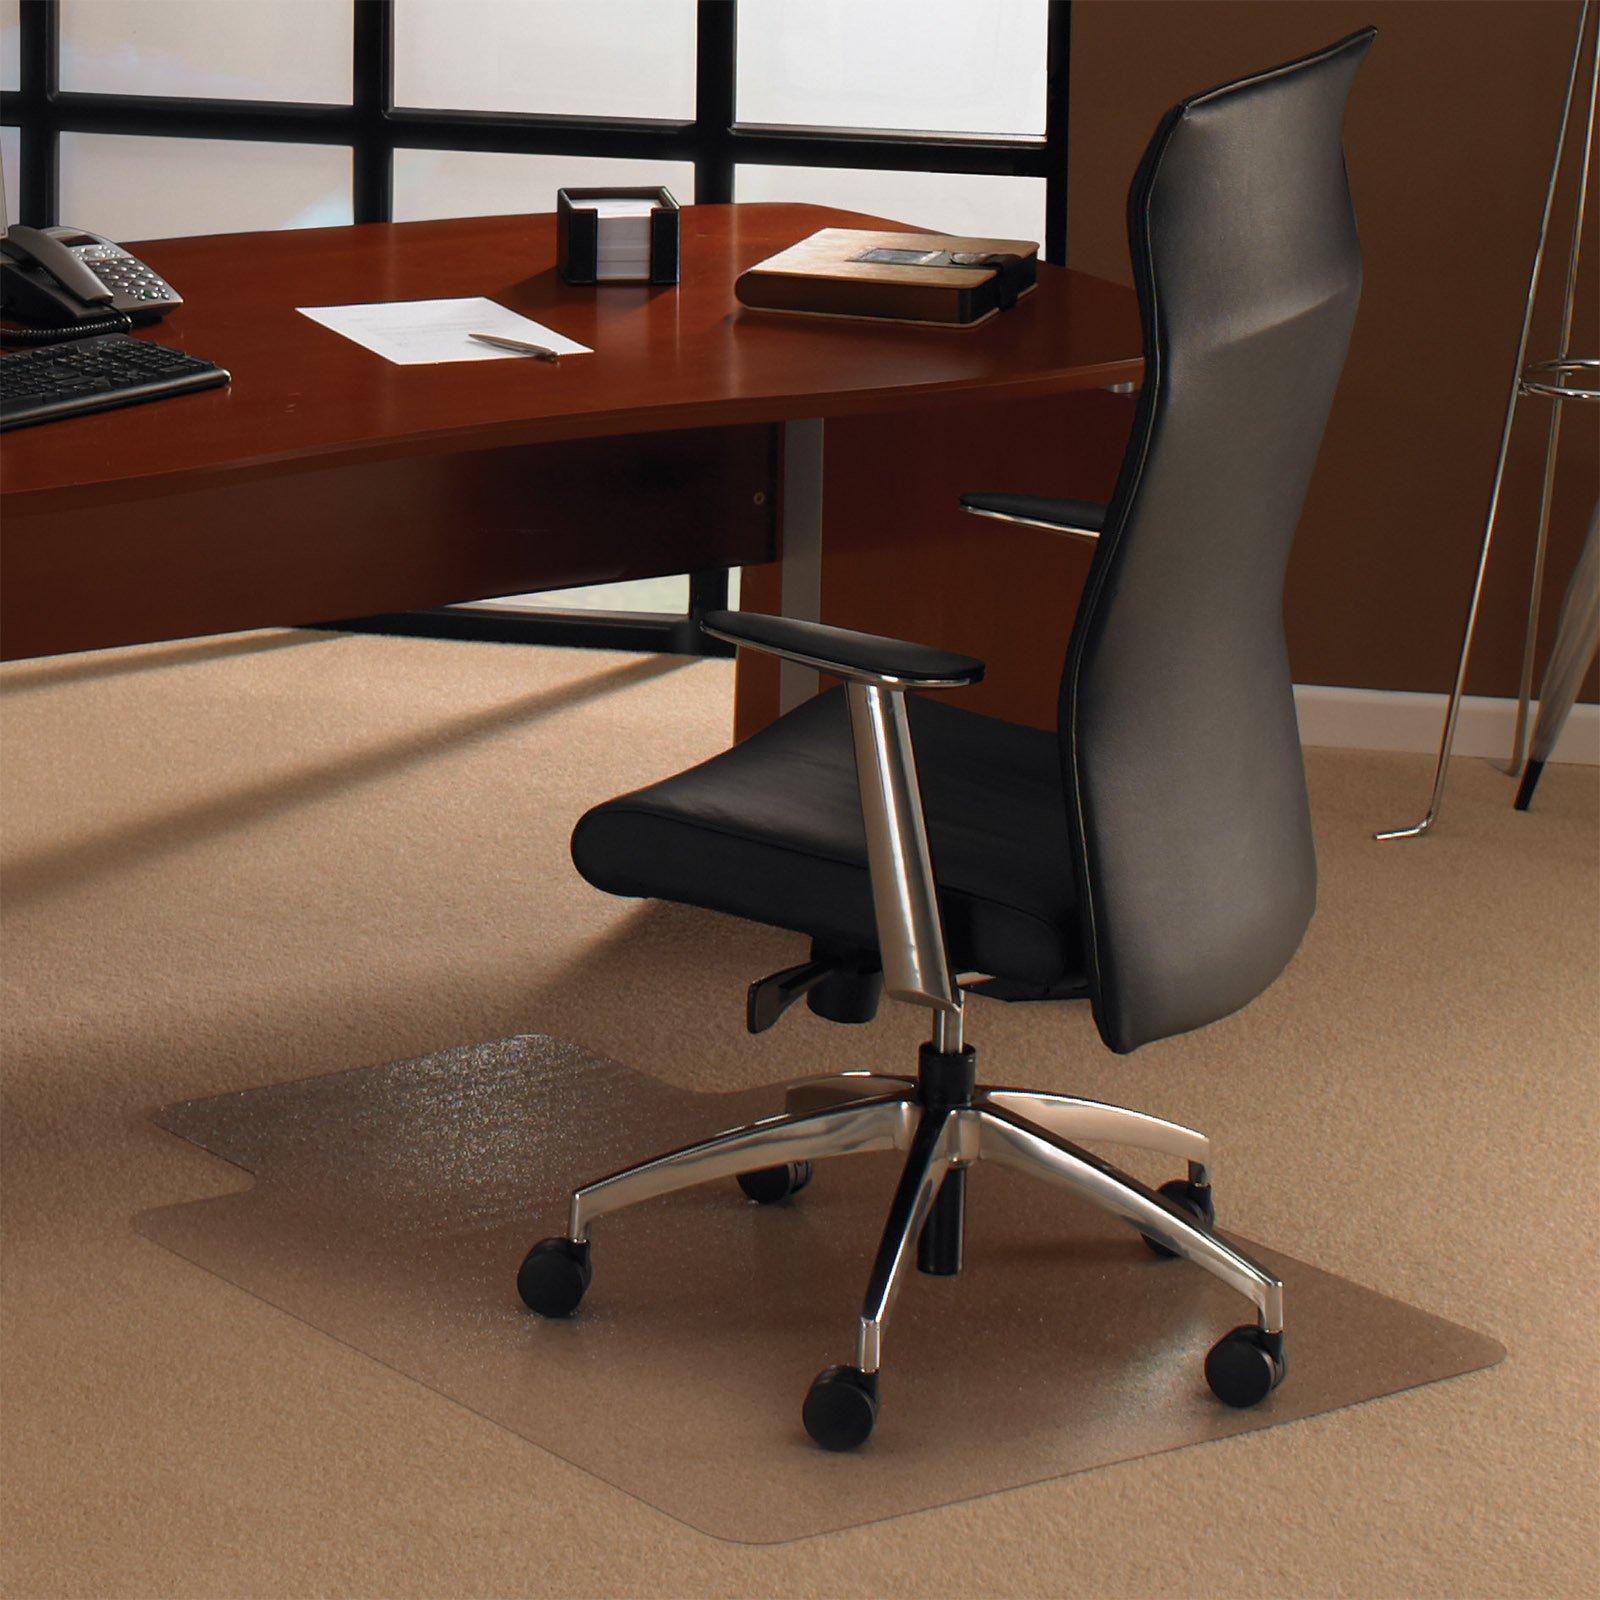 Floortex Ecotex Revolutionmat Rectangular Chair Mat with Lip for Carpet